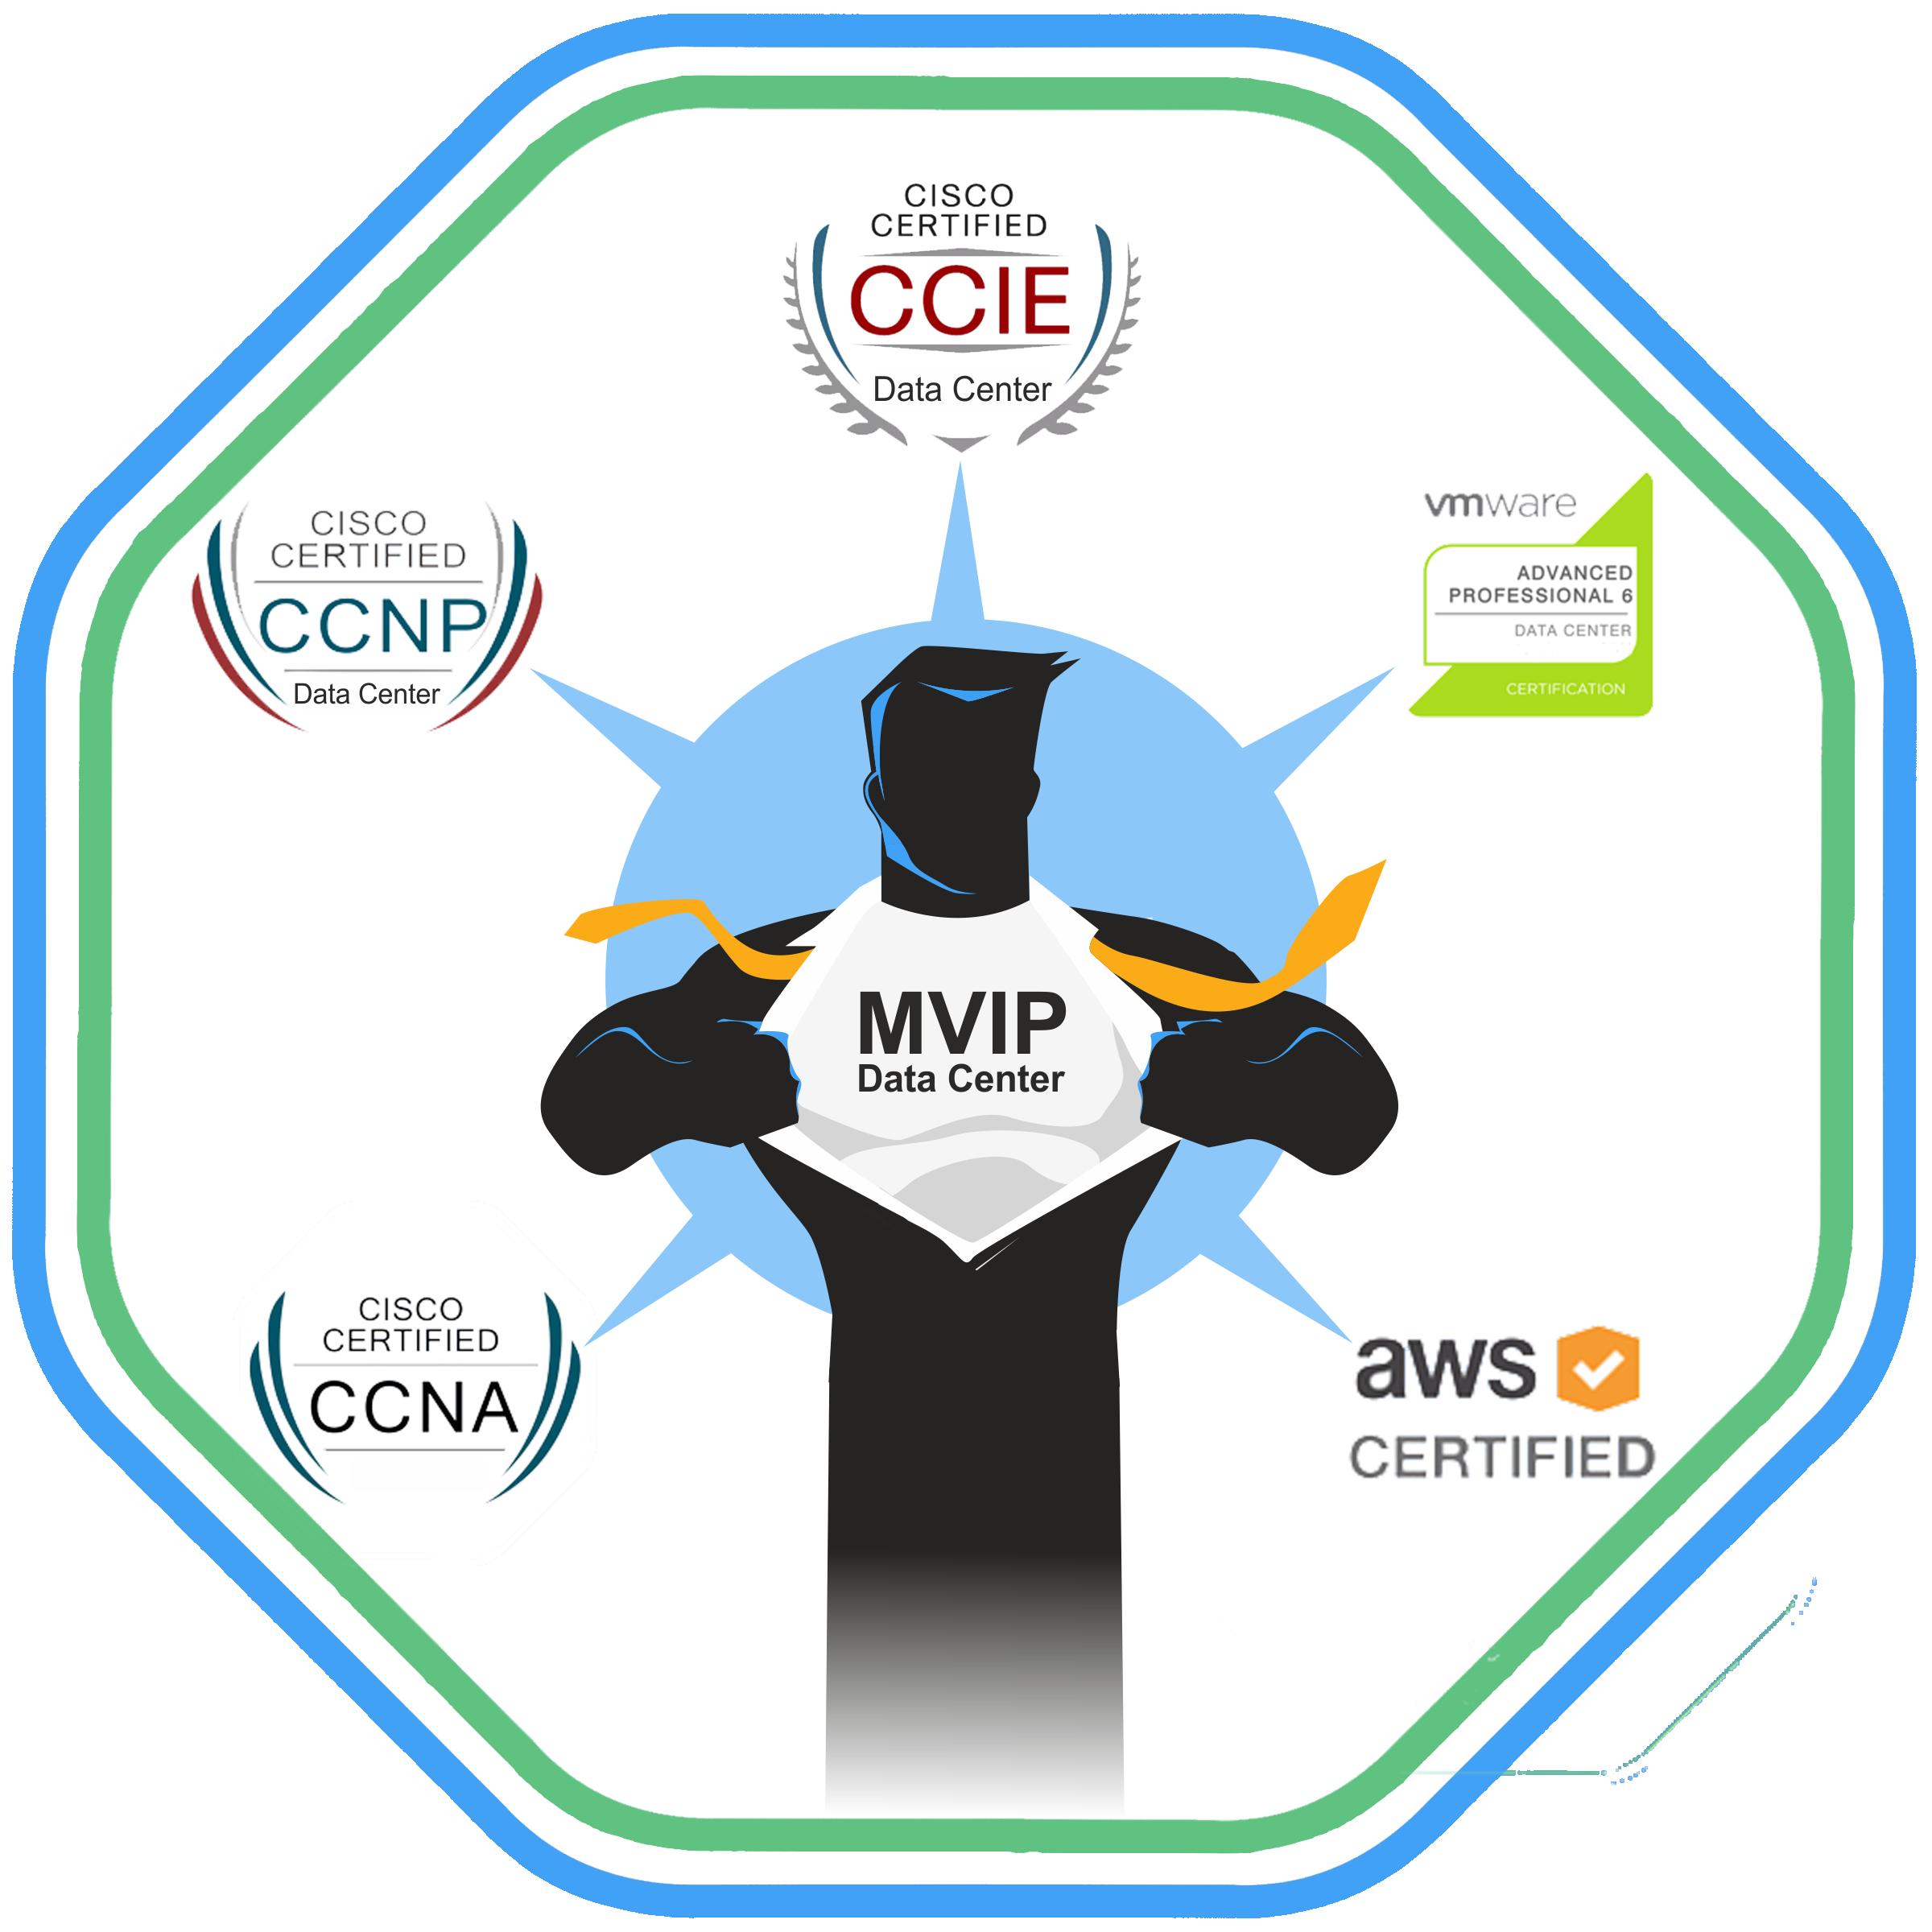 MVIP – Data Centern